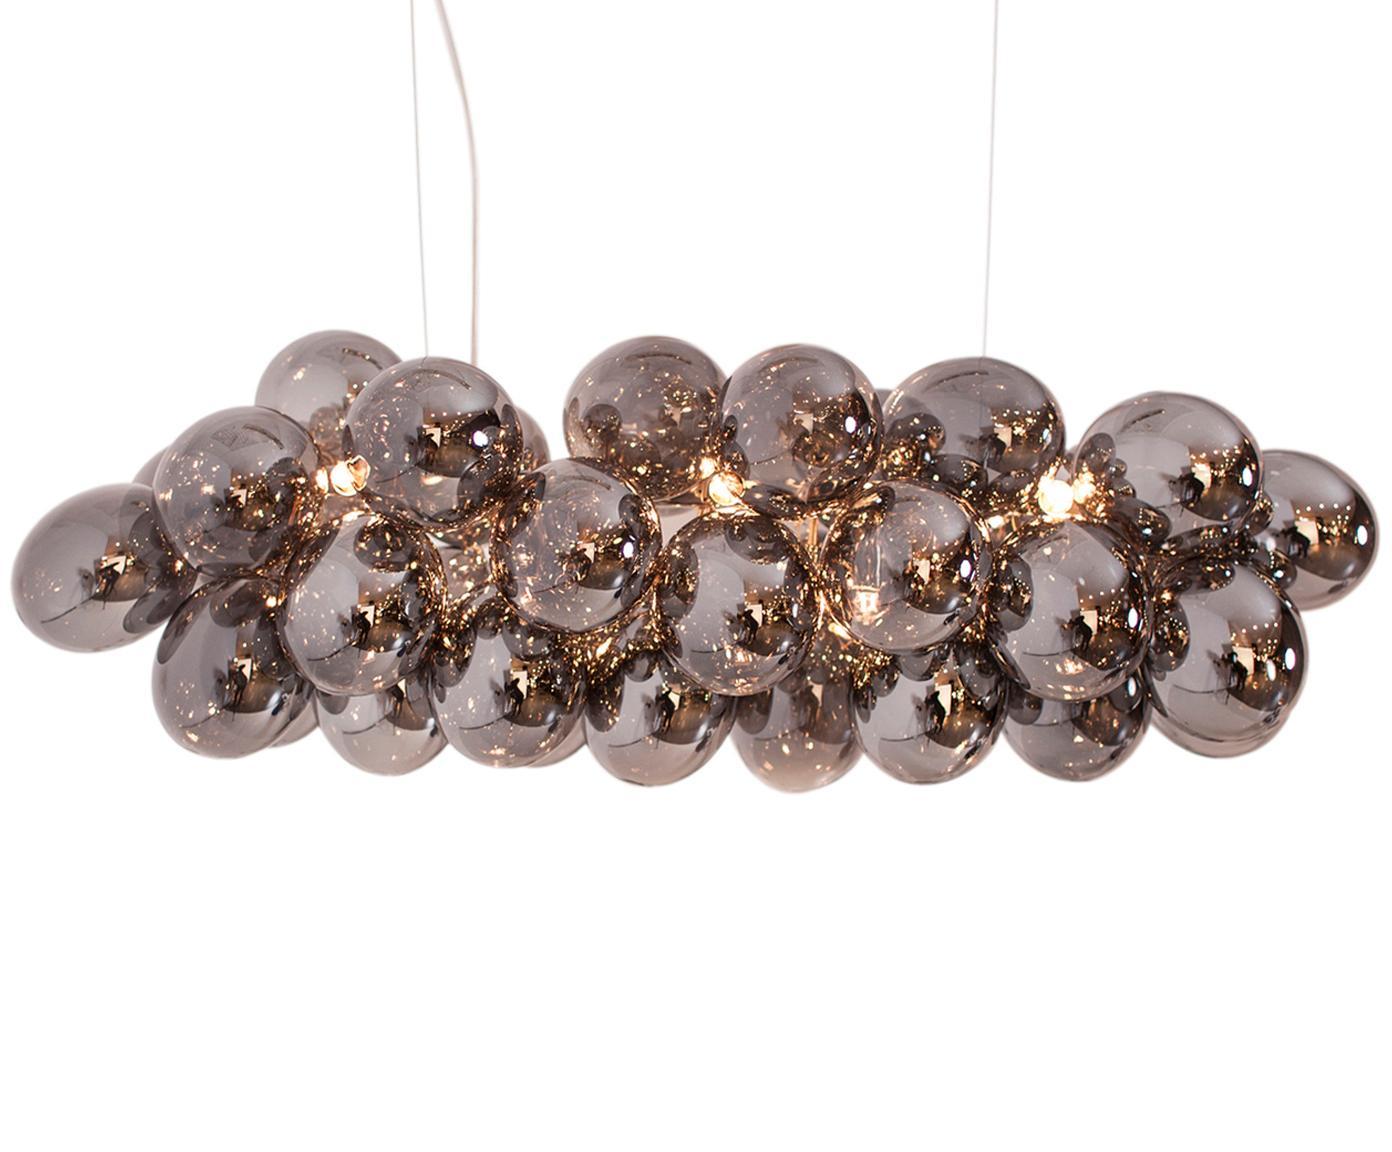 Hanglamp Gross Bar met glazen bollen, Chroomkleurig, 80 x 36 cm